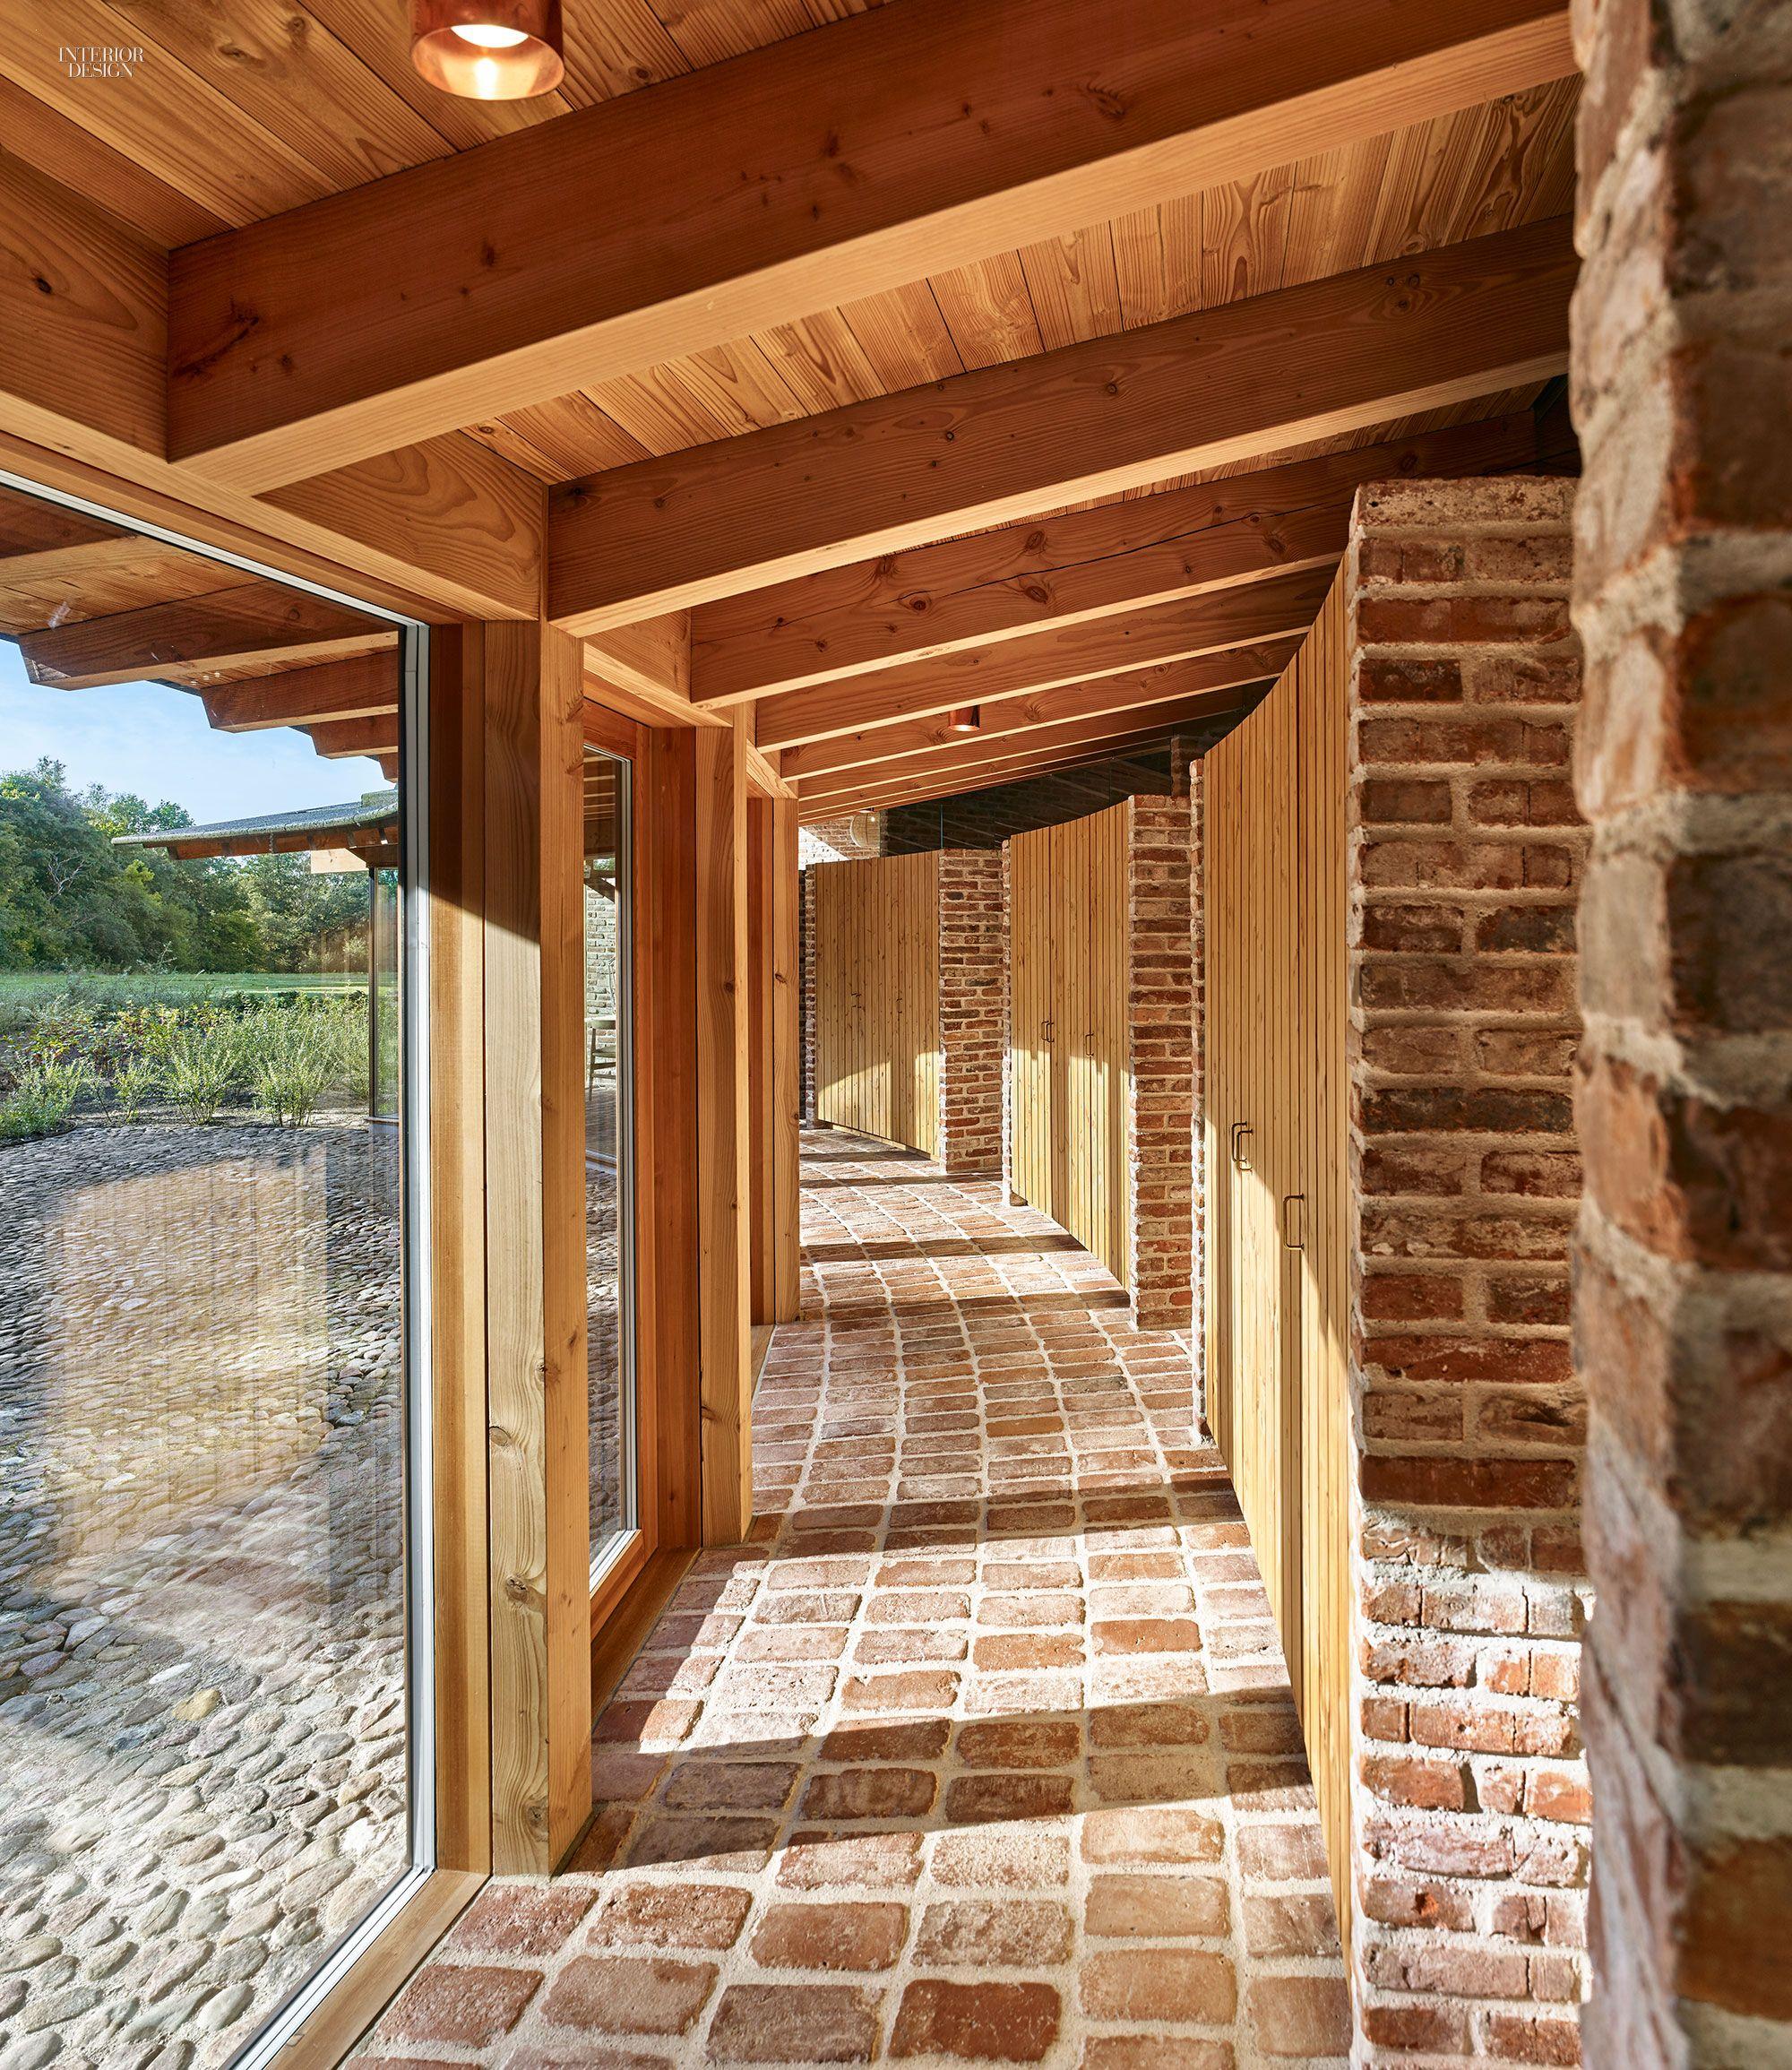 Jan Henrik Jansen Designs Unconventional Round House In